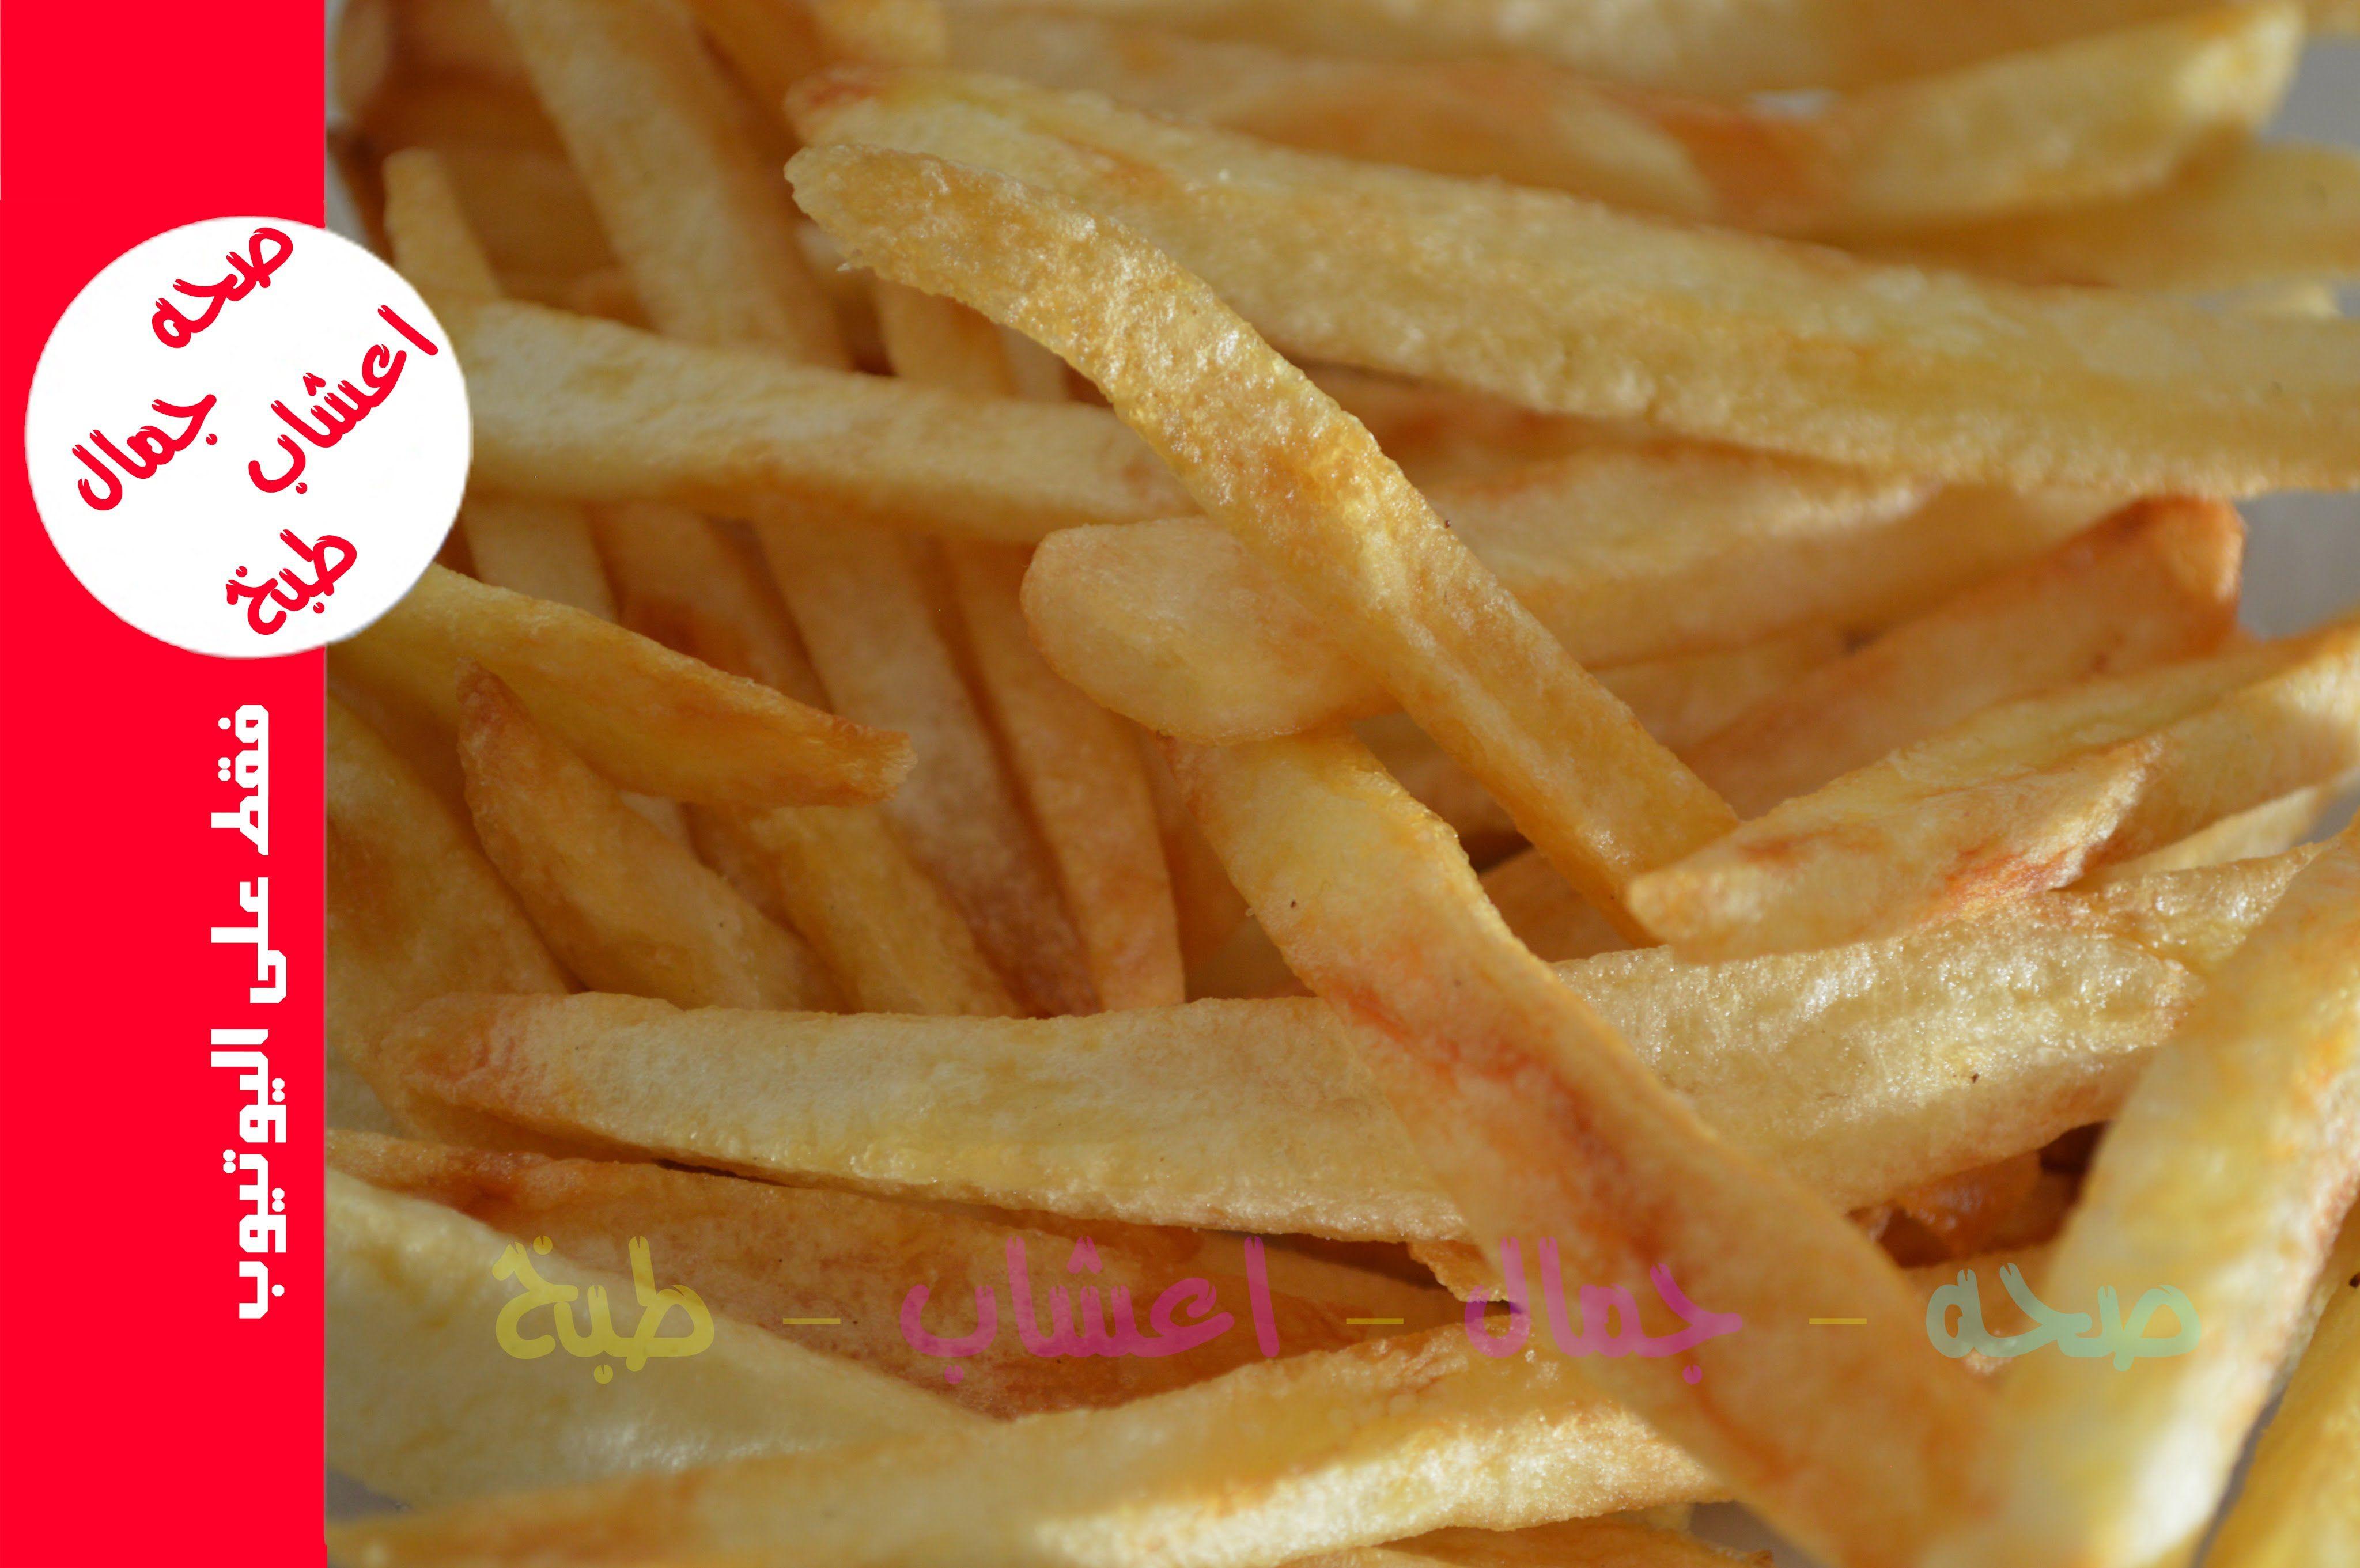 طريقة عمل أصابع البطاطس المقلية المقرمشة فى البيت مثل المطاعم مع الاثبات Youtube Egyptian Food Food Dessert Recipes